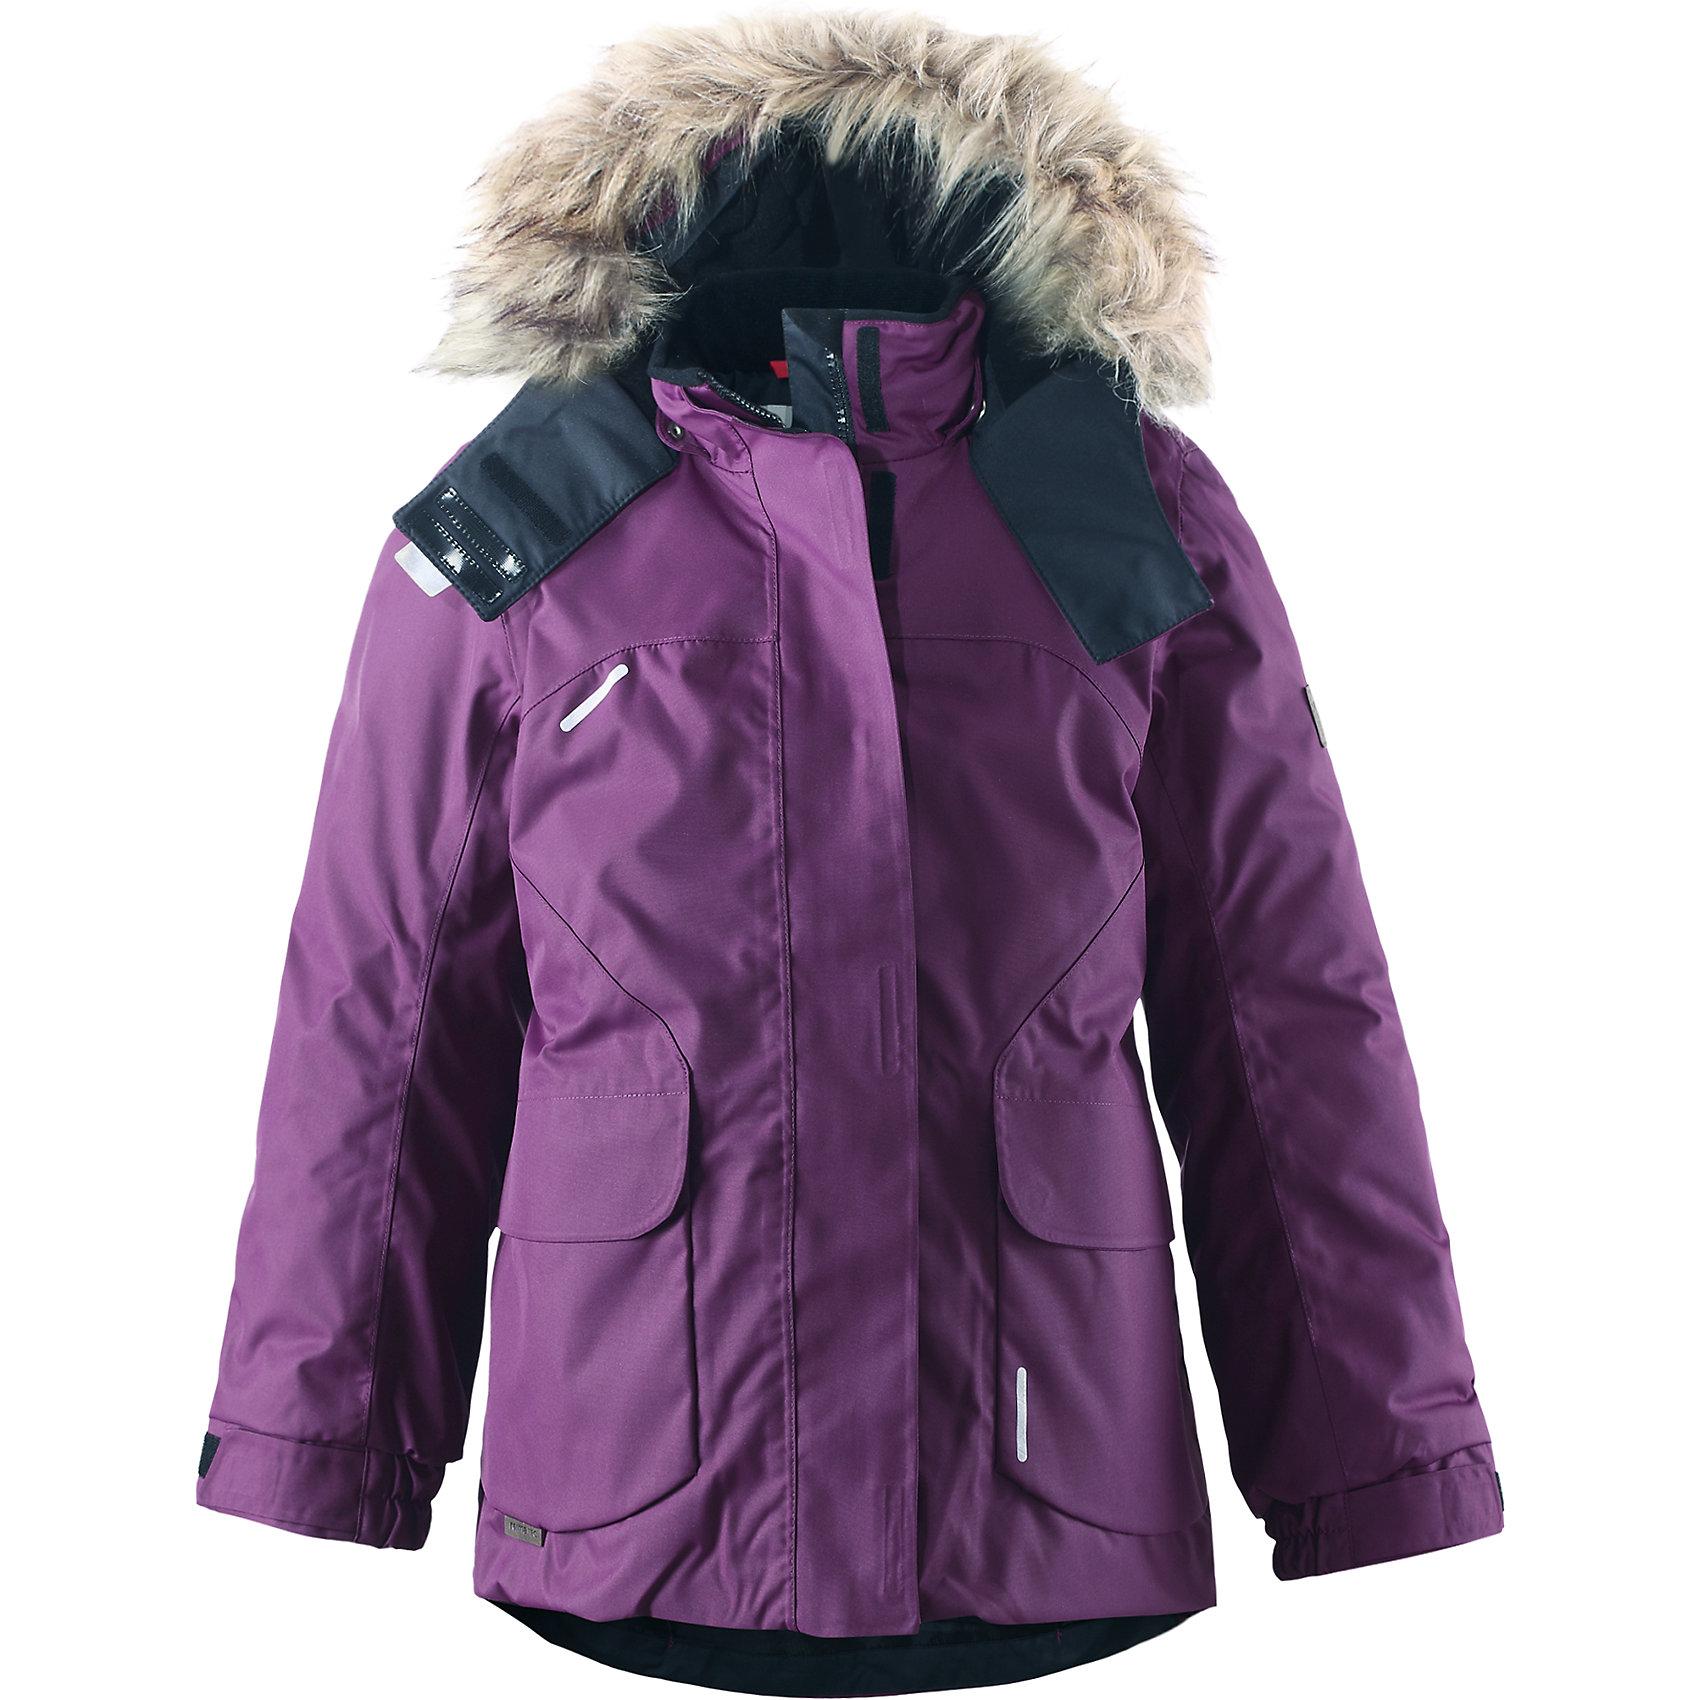 Куртка Sisarus для девочки Reimatec® ReimaОдежда<br>Куртка для девочки Reimatec® Reima<br>Зимняя куртка для подростков. Все швы проклеены и водонепроницаемы. Водо- и ветронепроницаемый, «дышащий» и грязеотталкивающий материал. Крой для девочек. Гладкая подкладка из полиэстра. Безопасный съемный капюшон с отсоединяемой меховой каймой из искусственного меха. Регулируемый манжет на липучке.Эластичный пояс сзади. Два кармана с клапанами. .Логотип Reima® на рукаве. Безопасные светоотражающие детали. Петля для дополнительных светоотражающих деталей.<br>Утеплитель: Reima® Comfort+ insulation,160 g<br>Уход:<br>Стирать по отдельности, вывернув наизнанку. Перед стиркой отстегните искусственный мех. Застегнуть молнии и липучки. Стирать моющим средством, не содержащим отбеливающие вещества. Полоскать без специального средства. Во избежание изменения цвета изделие необходимо вынуть из стиральной машинки незамедлительно после окончания программы стирки. Можно сушить в сушильном шкафу или центрифуге (макс. 40° C).<br>Состав:<br>100% Полиамид, полиуретановое покрытие<br><br>Ширина мм: 356<br>Глубина мм: 10<br>Высота мм: 245<br>Вес г: 519<br>Цвет: фиолетовый<br>Возраст от месяцев: 48<br>Возраст до месяцев: 60<br>Пол: Женский<br>Возраст: Детский<br>Размер: 110,158,146,104,164,134,152,116,140,122,128<br>SKU: 4778399